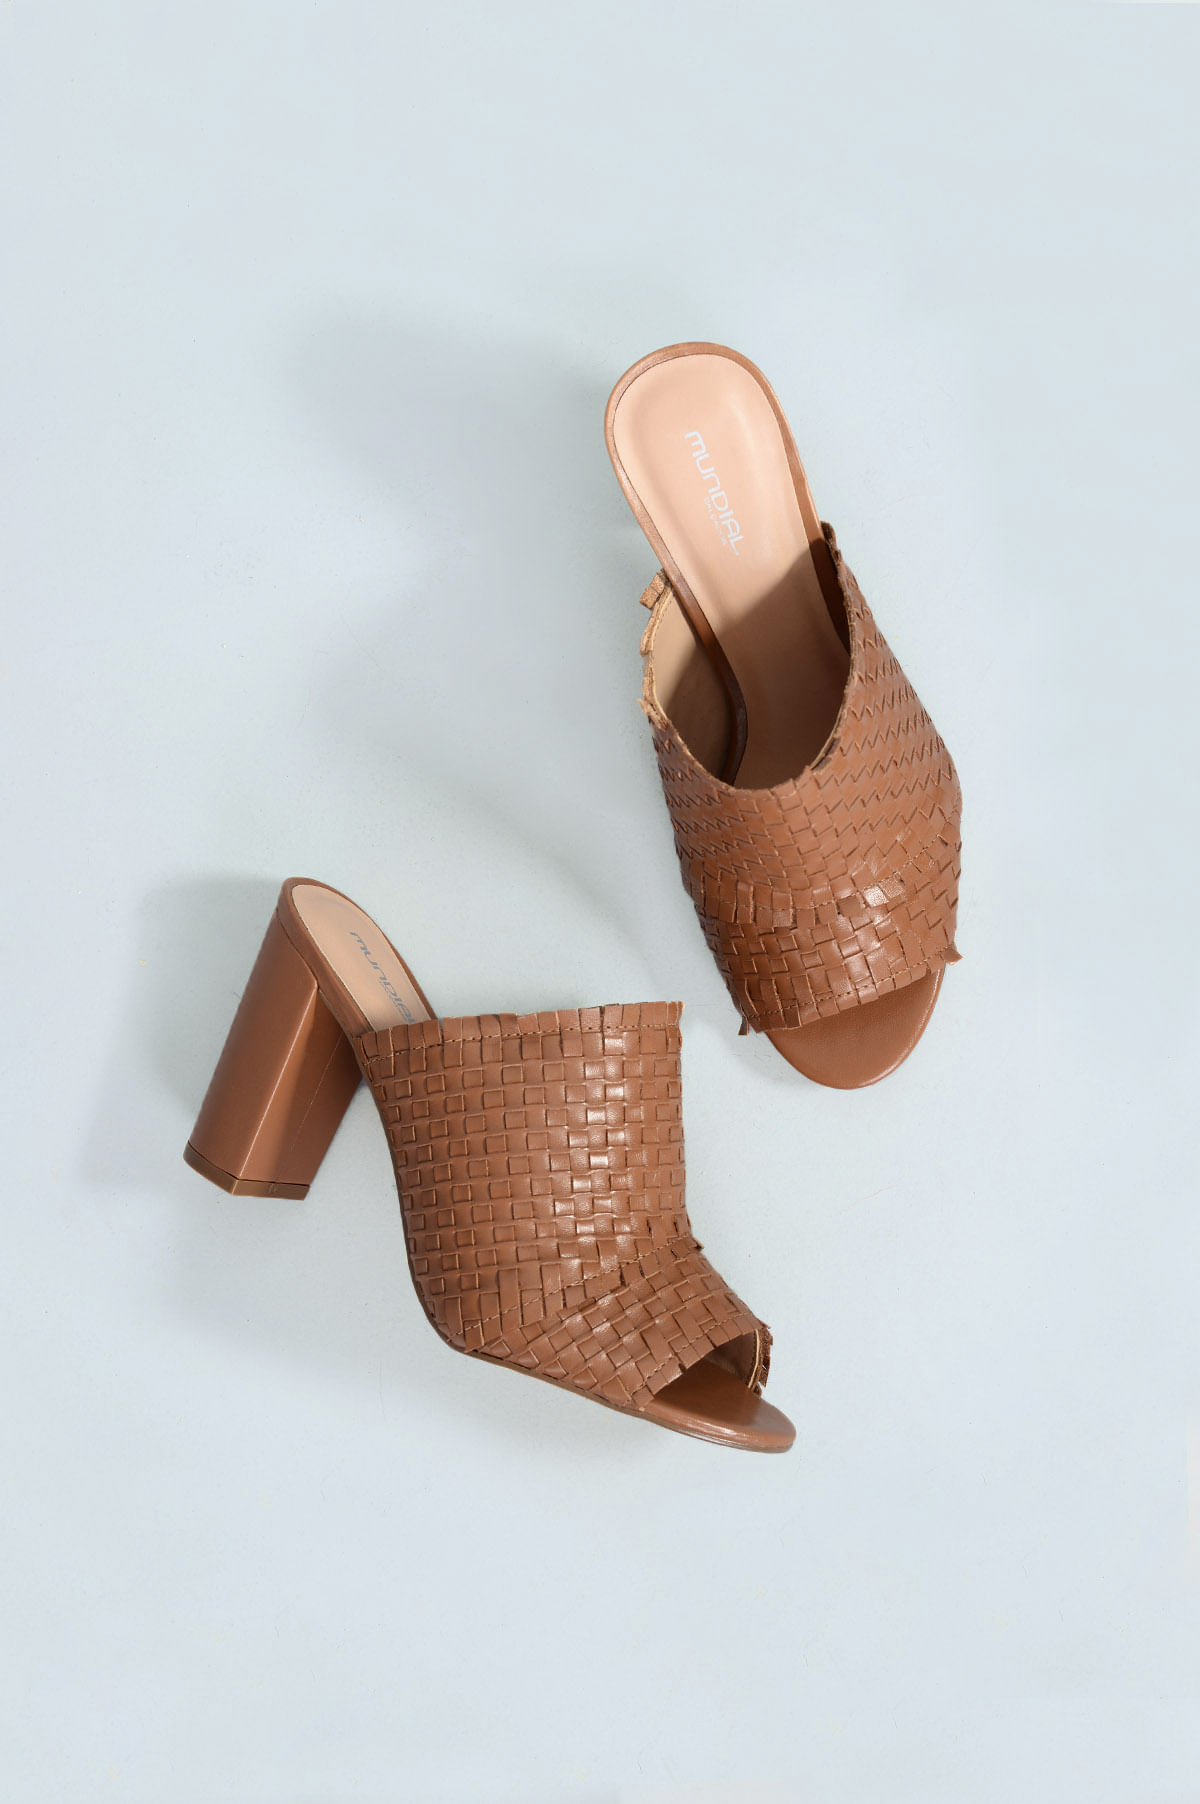 b2f8711546 Tamanco Feminino Salto Alto Ana Mundial CR-CARAMELO - Mundial Calçados